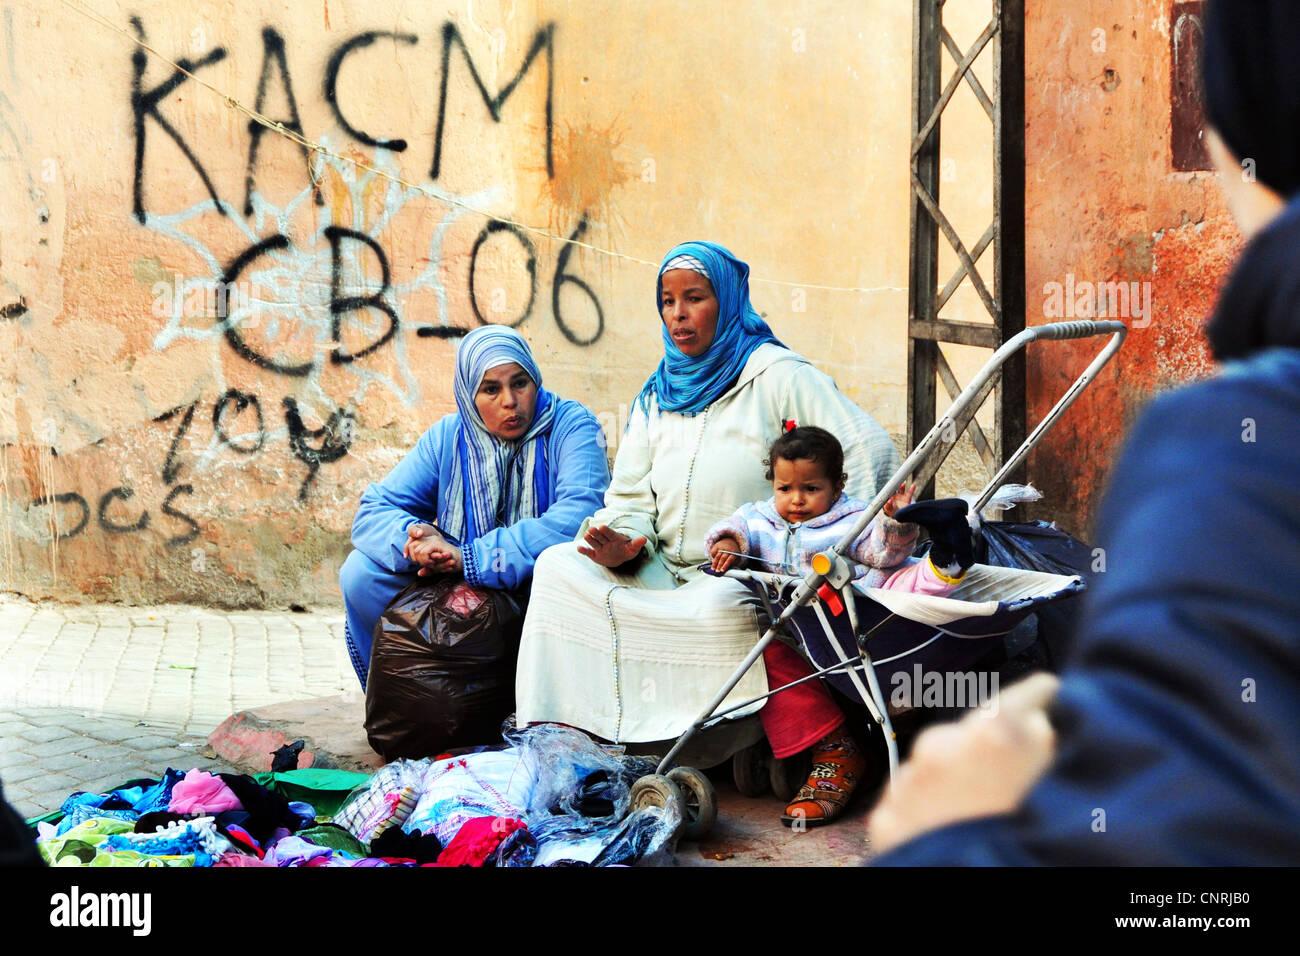 Las mujeres con hijos vender unos pocos elementos en la calle, en el casco antiguo de la Medina de Marrakech, Marruecos Imagen De Stock